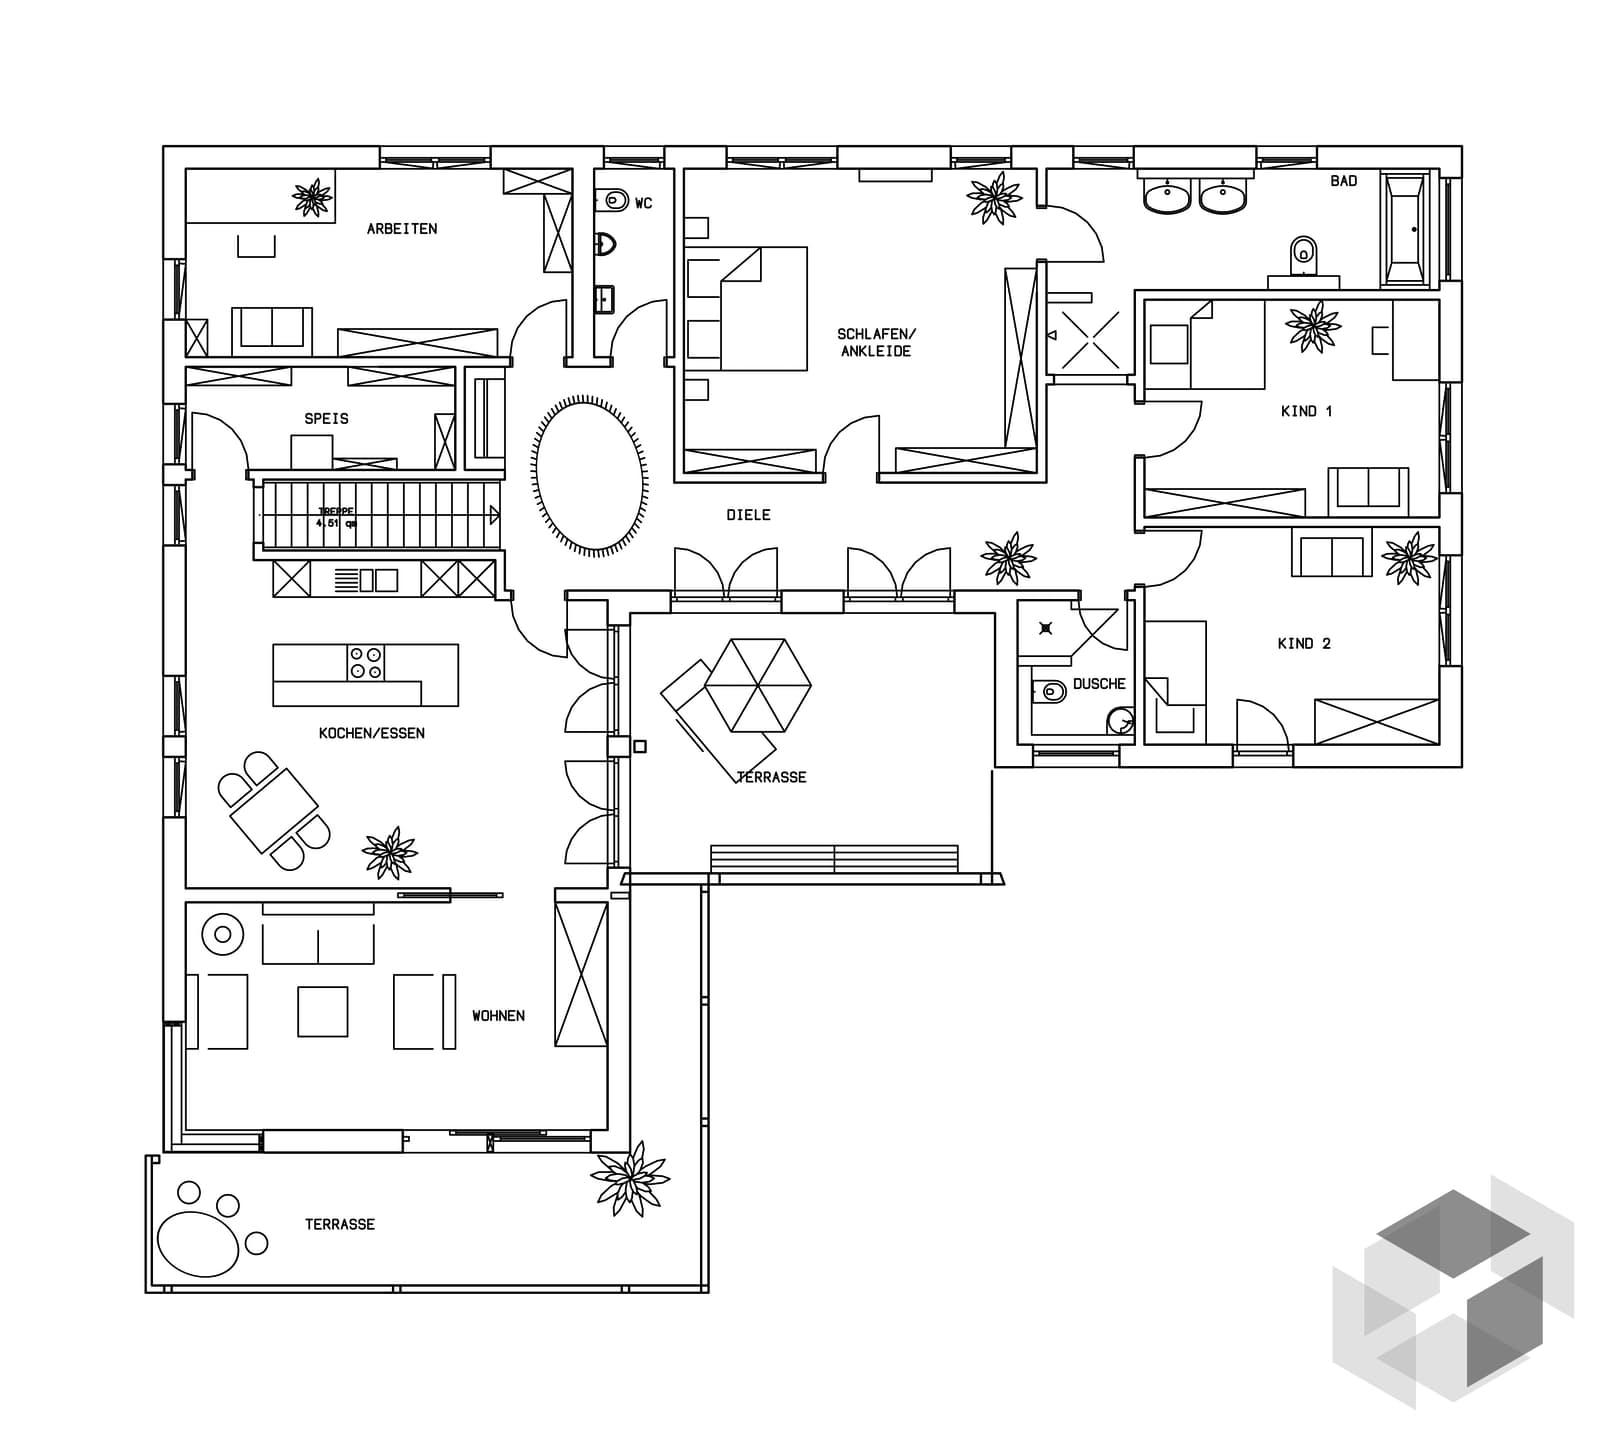 klassische bungalow kfw effizienzhaus 70 von baufritz. Black Bedroom Furniture Sets. Home Design Ideas